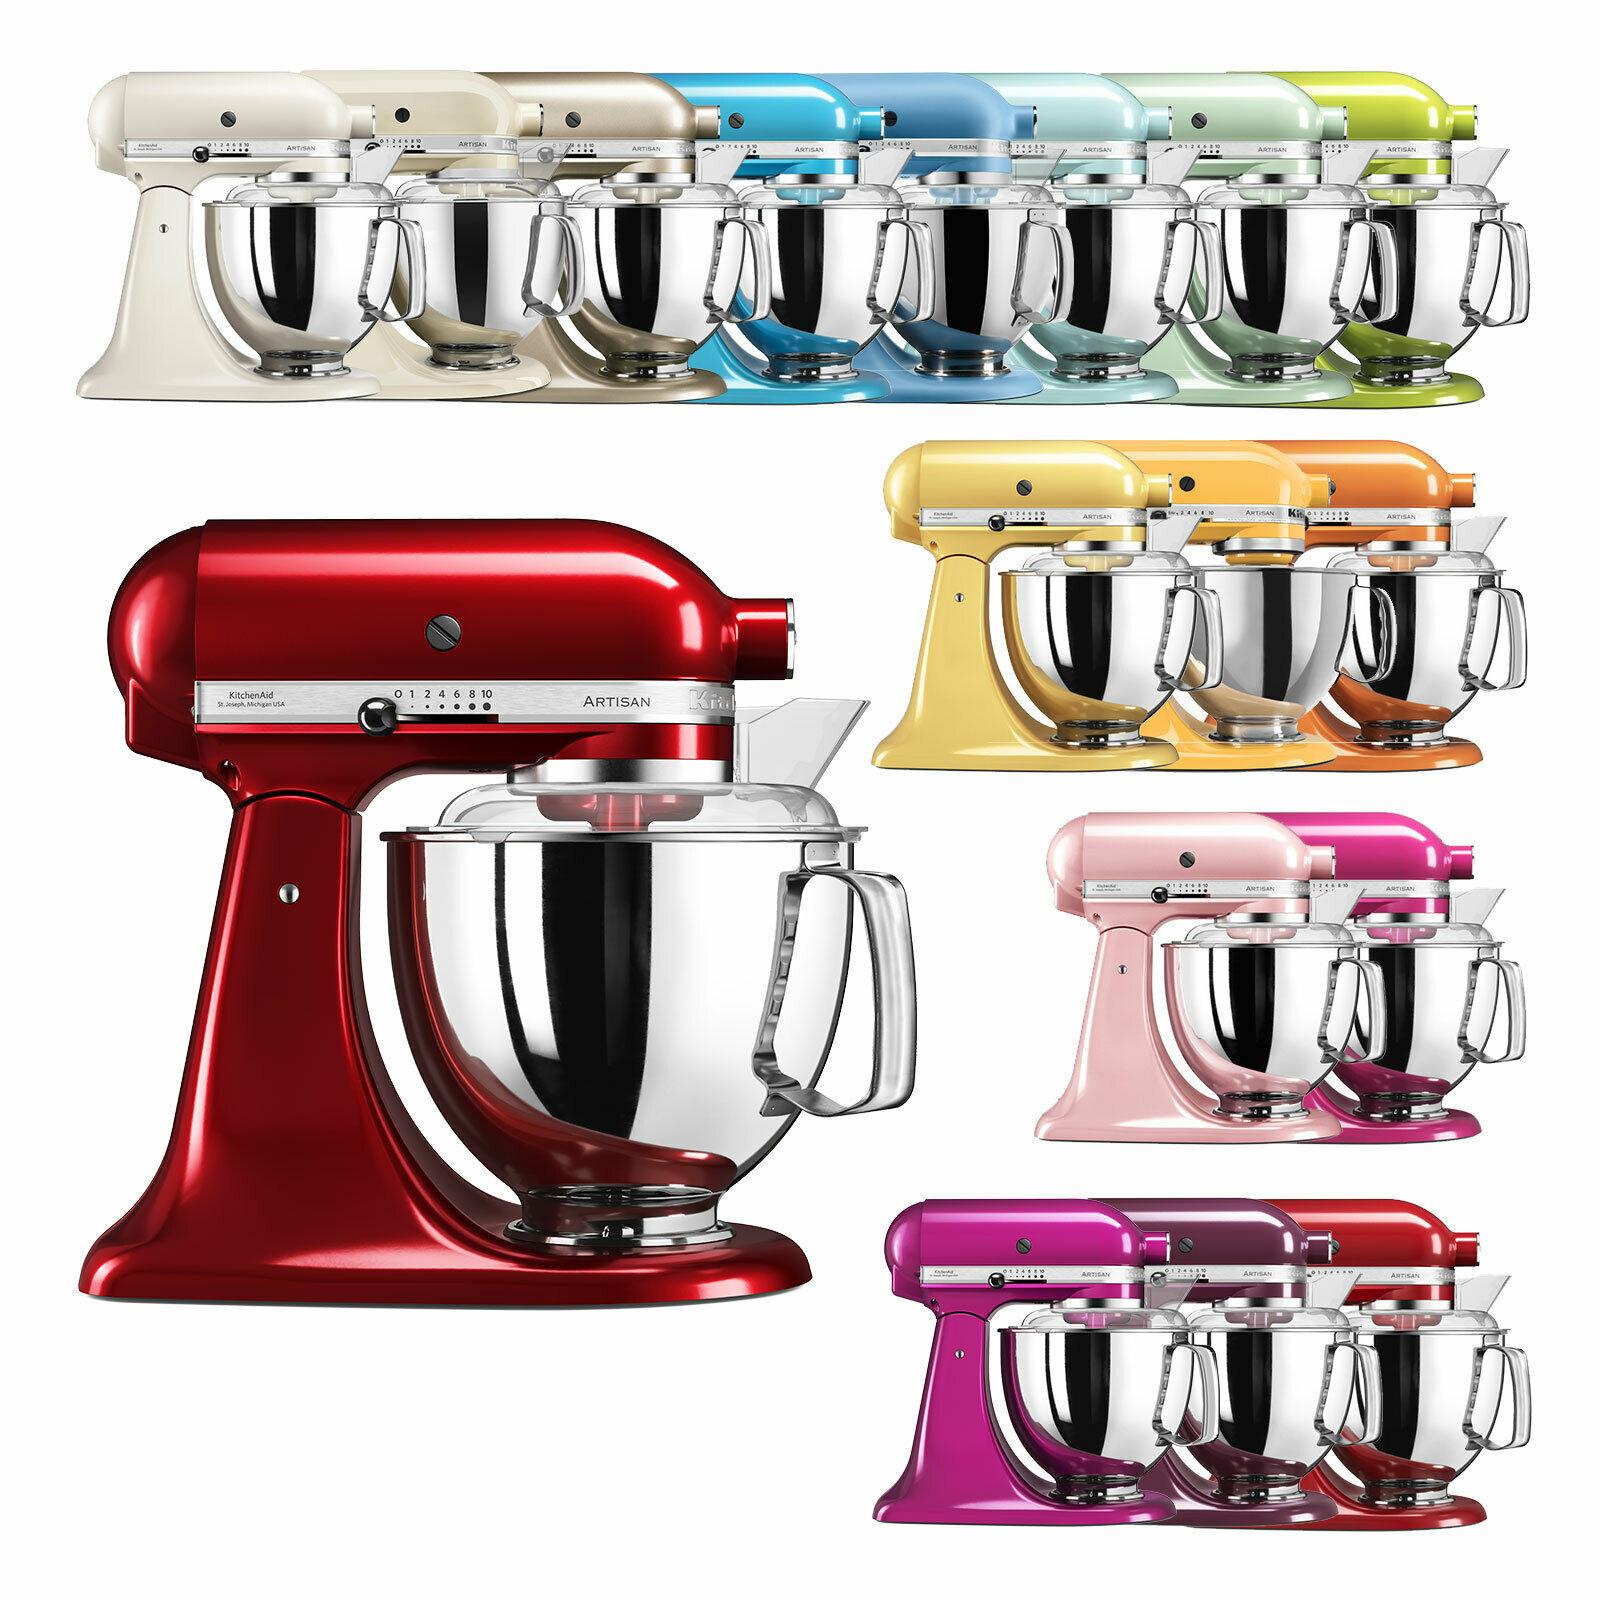 Bild zu [B-Ware] KitchenAid Artisan Küchenmaschine 5KSM175PS 4,8 Liter für 349€ (Vergleich: 399€)